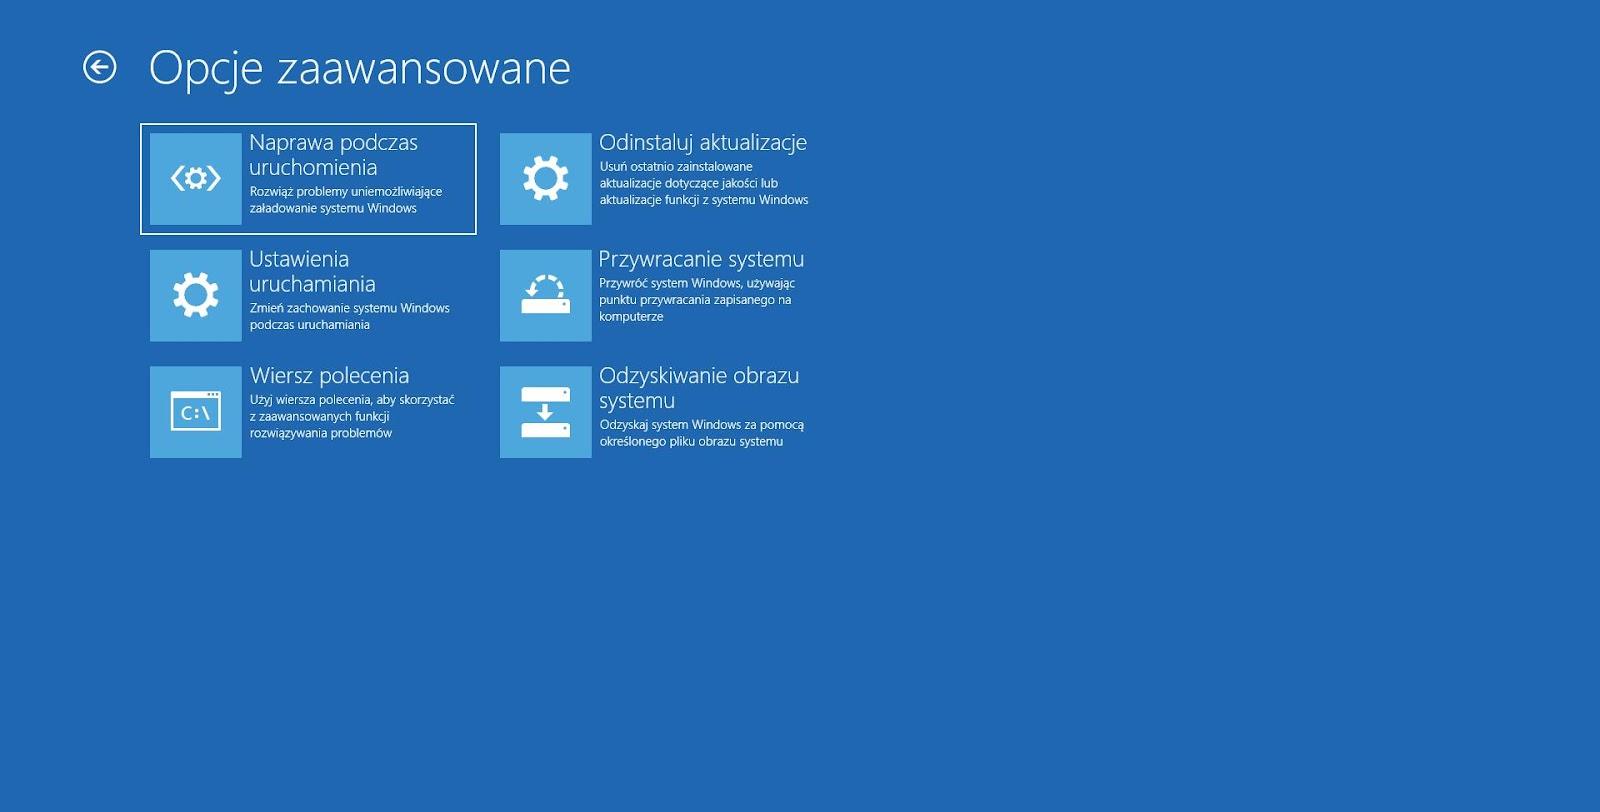 Windows 10 naprawa podczas uruchomienia